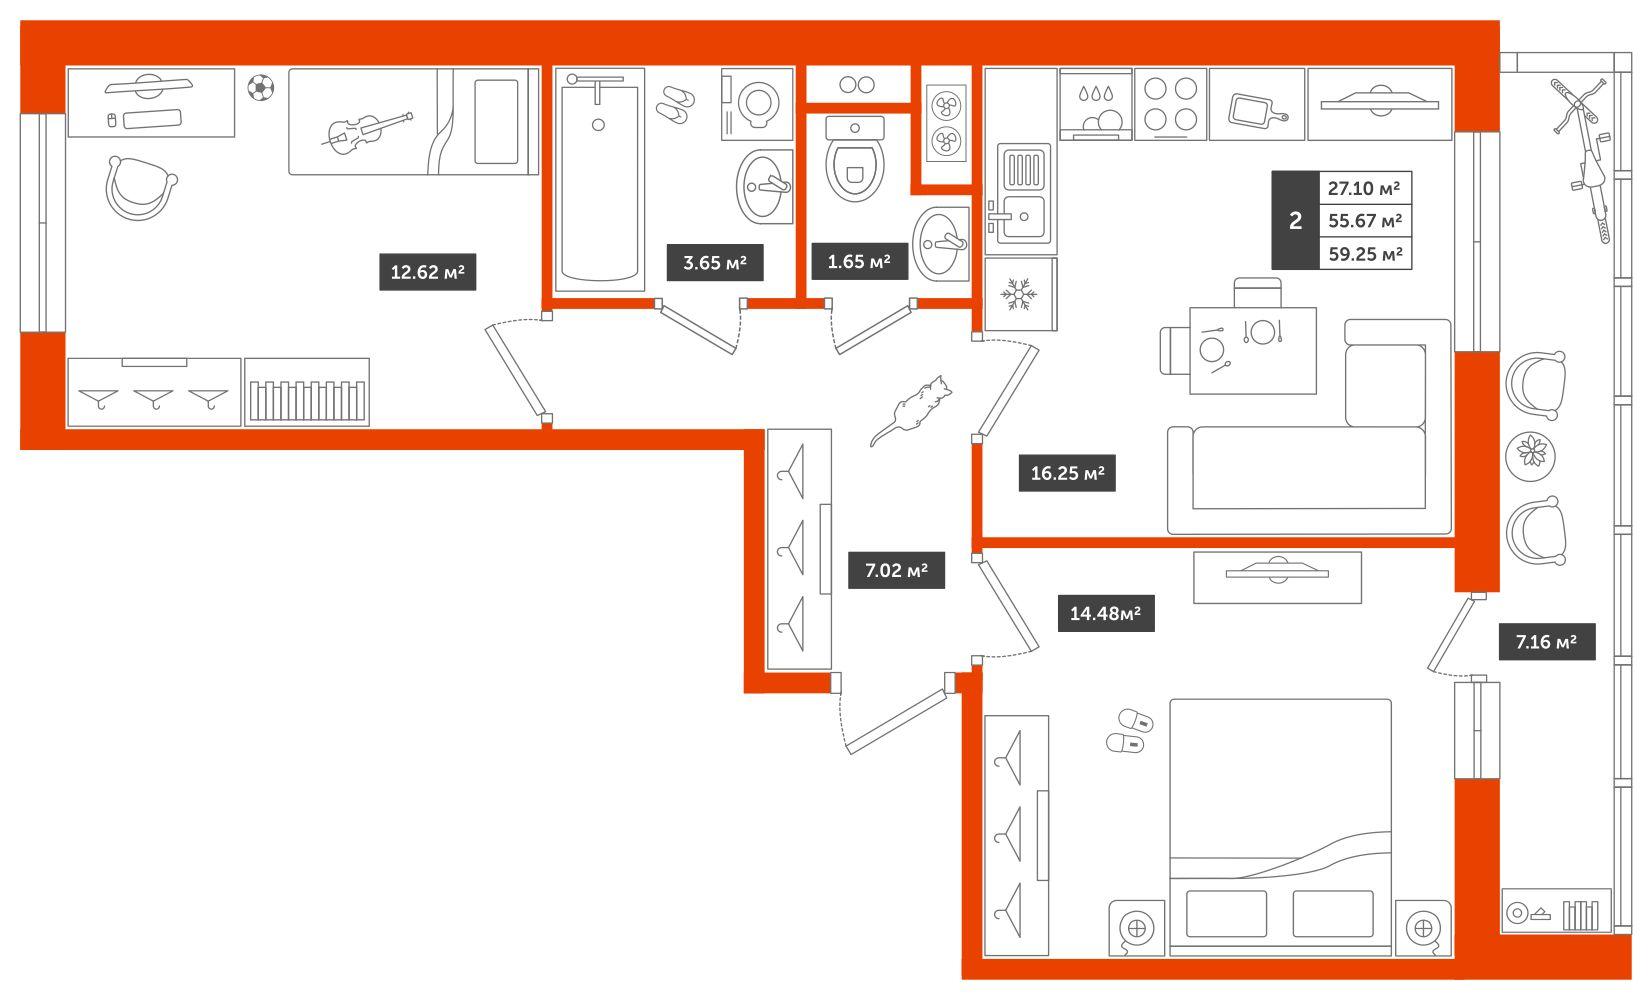 2-комнатная квартира, 59.25м² за 5,1 млн руб.